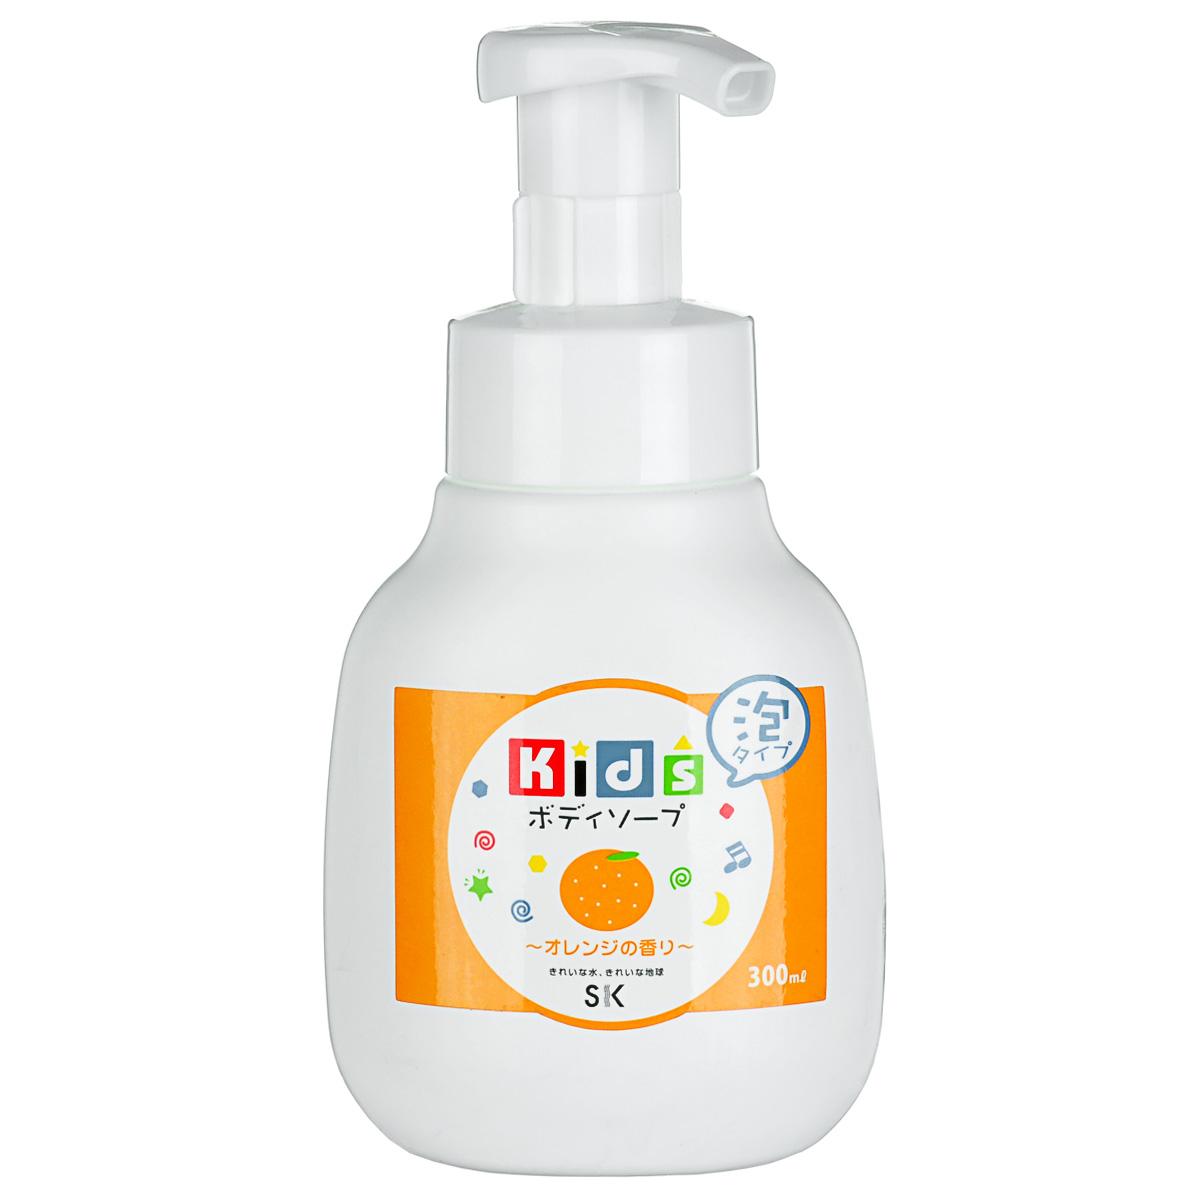 SK Kids Детское пенное мыло для тела с ароматом апельсина, 300 млMFM-3101Воздушное детское пенное мыло порадует вашего малыша сочным ароматом апельсина и мыльными пузырьками! Очистит детскую кожу и обеспечит полноценный уход за ней, абсолютно безопасно. Экстракт апельсиновой цедры, в составе пенки, смягчит и окажет тонизирующее действие на нежную кожу. Не содержит ПАВ, искусственных красителей, ароматизаторов, антиоксидантов, поэтому мыло необходимо хранить в местах, защищенных от прямых солнечных лучей, высокой температуры и влажности. Проверено дерматологами.